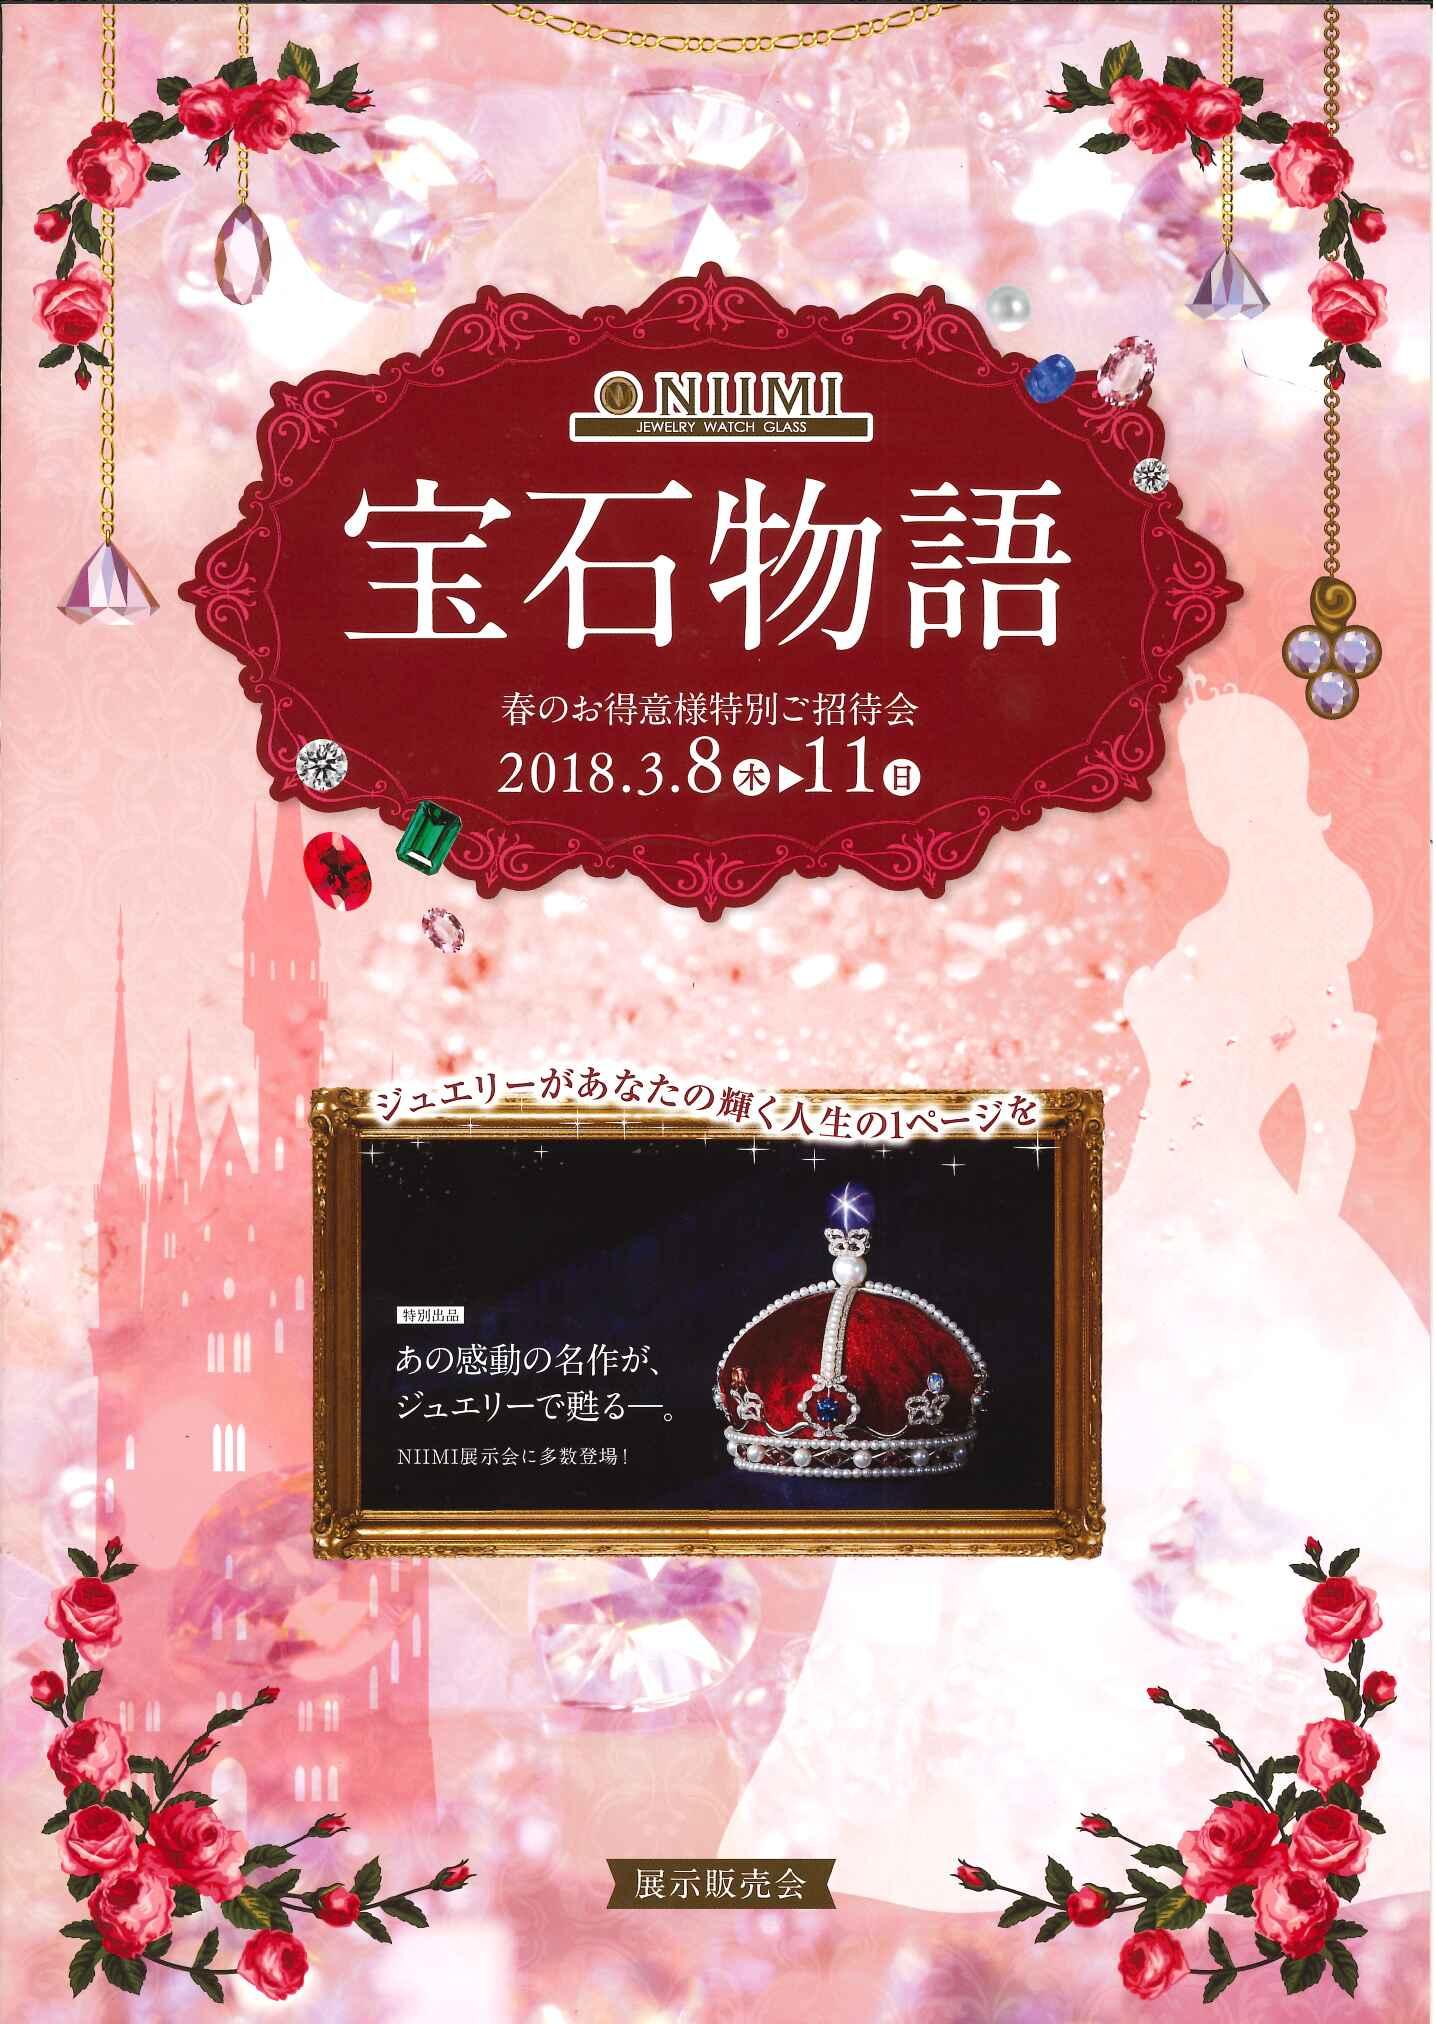 春の展示会「宝石物語」3月8日~11日開催です♪